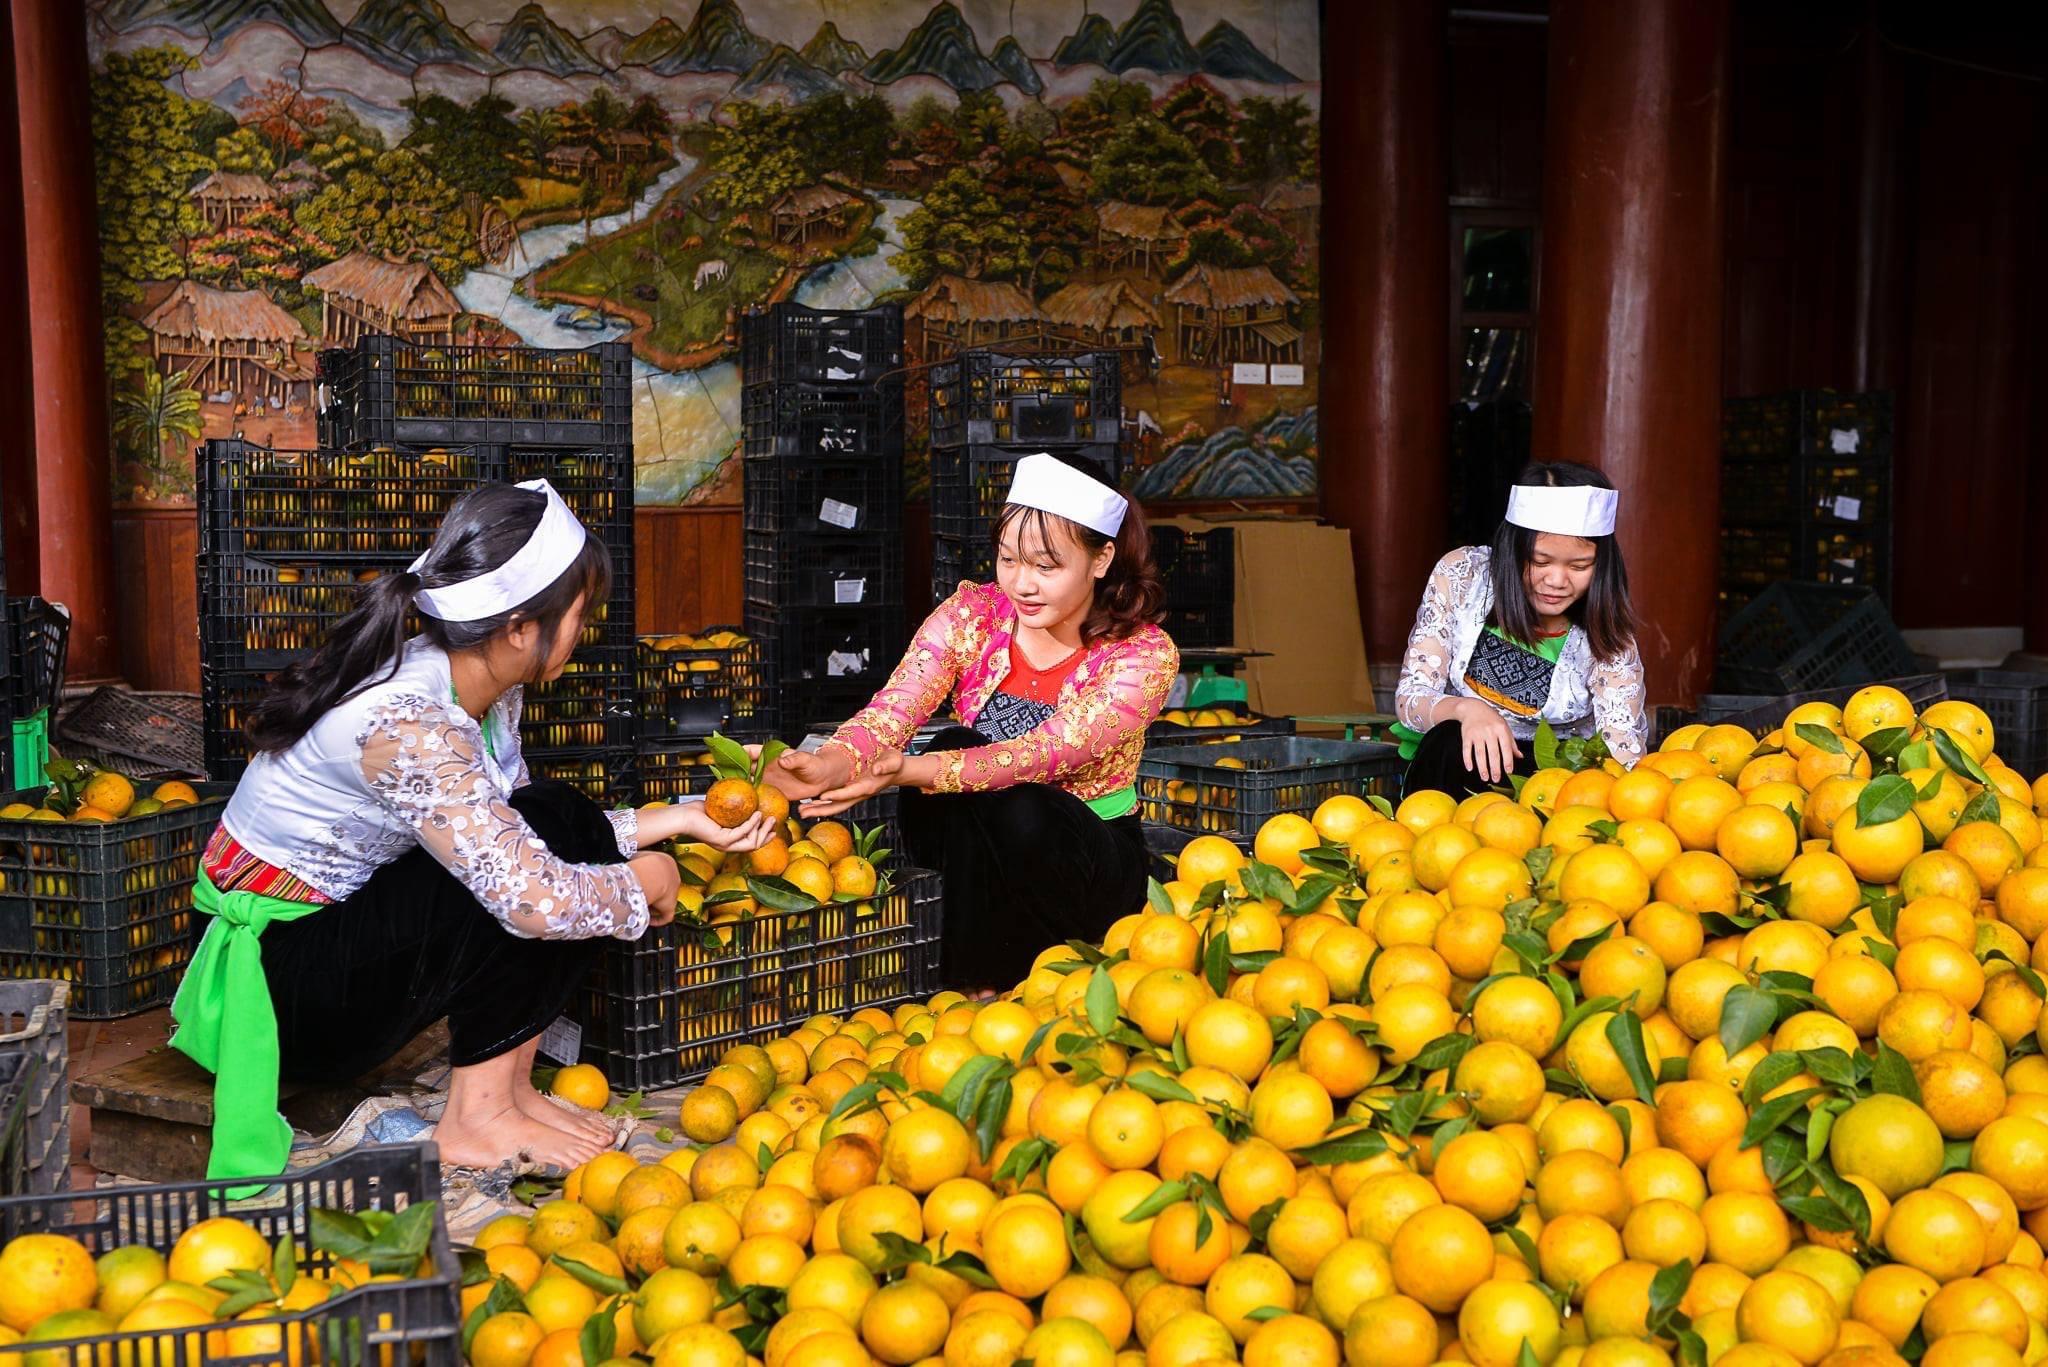 Nnhiều mô hình nông nghiệp góp phần thúc đẩy phát triển kinh tế - xã hội vùng DTTS tỉnh Hoà Bình